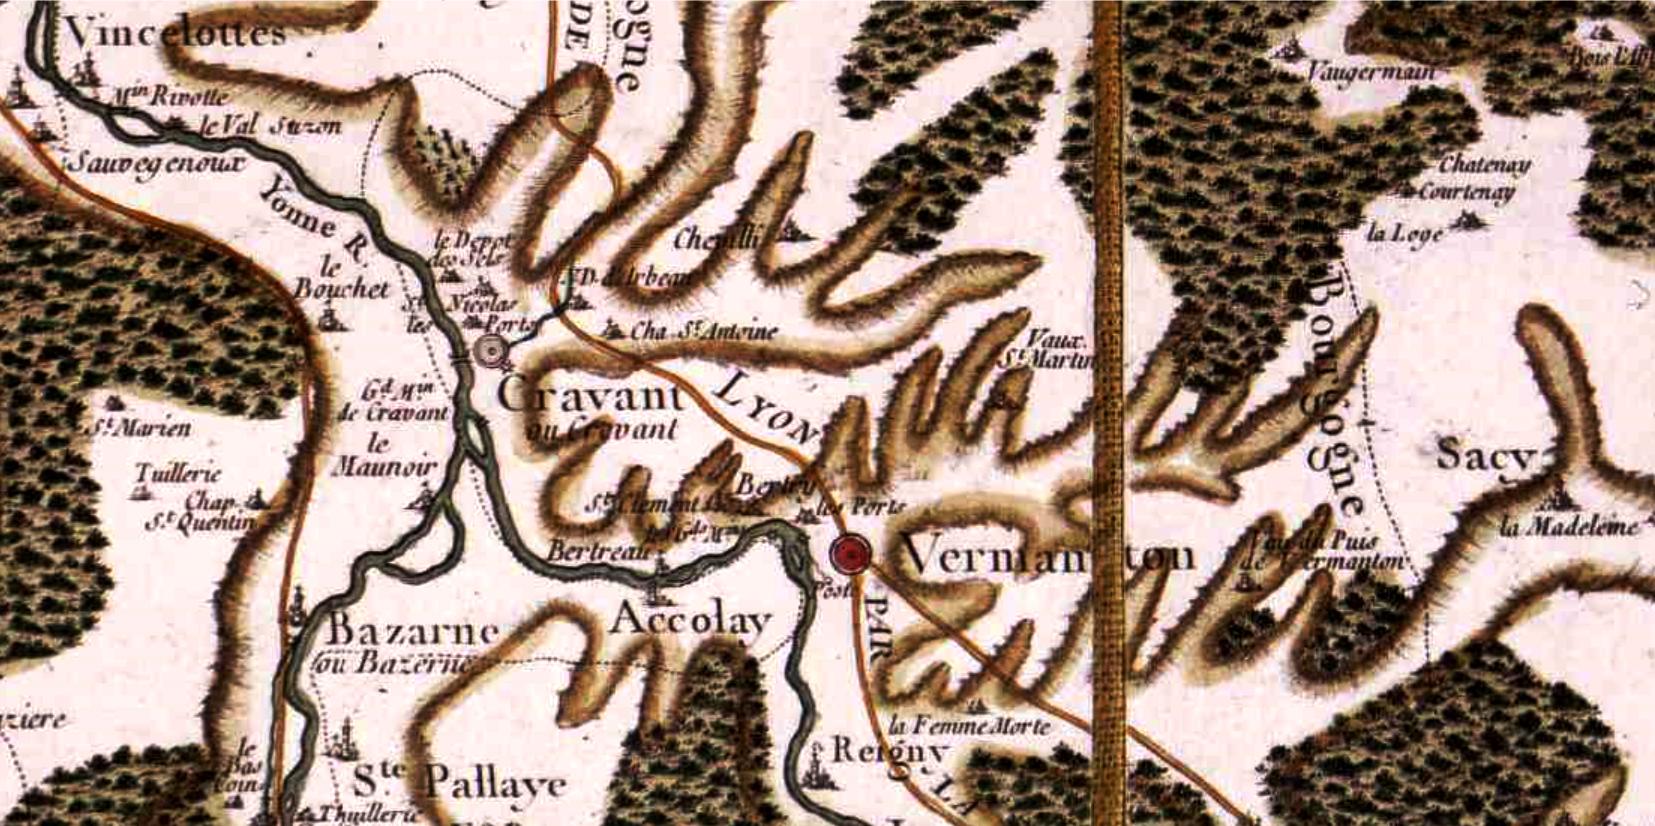 Cravant 89 cassini